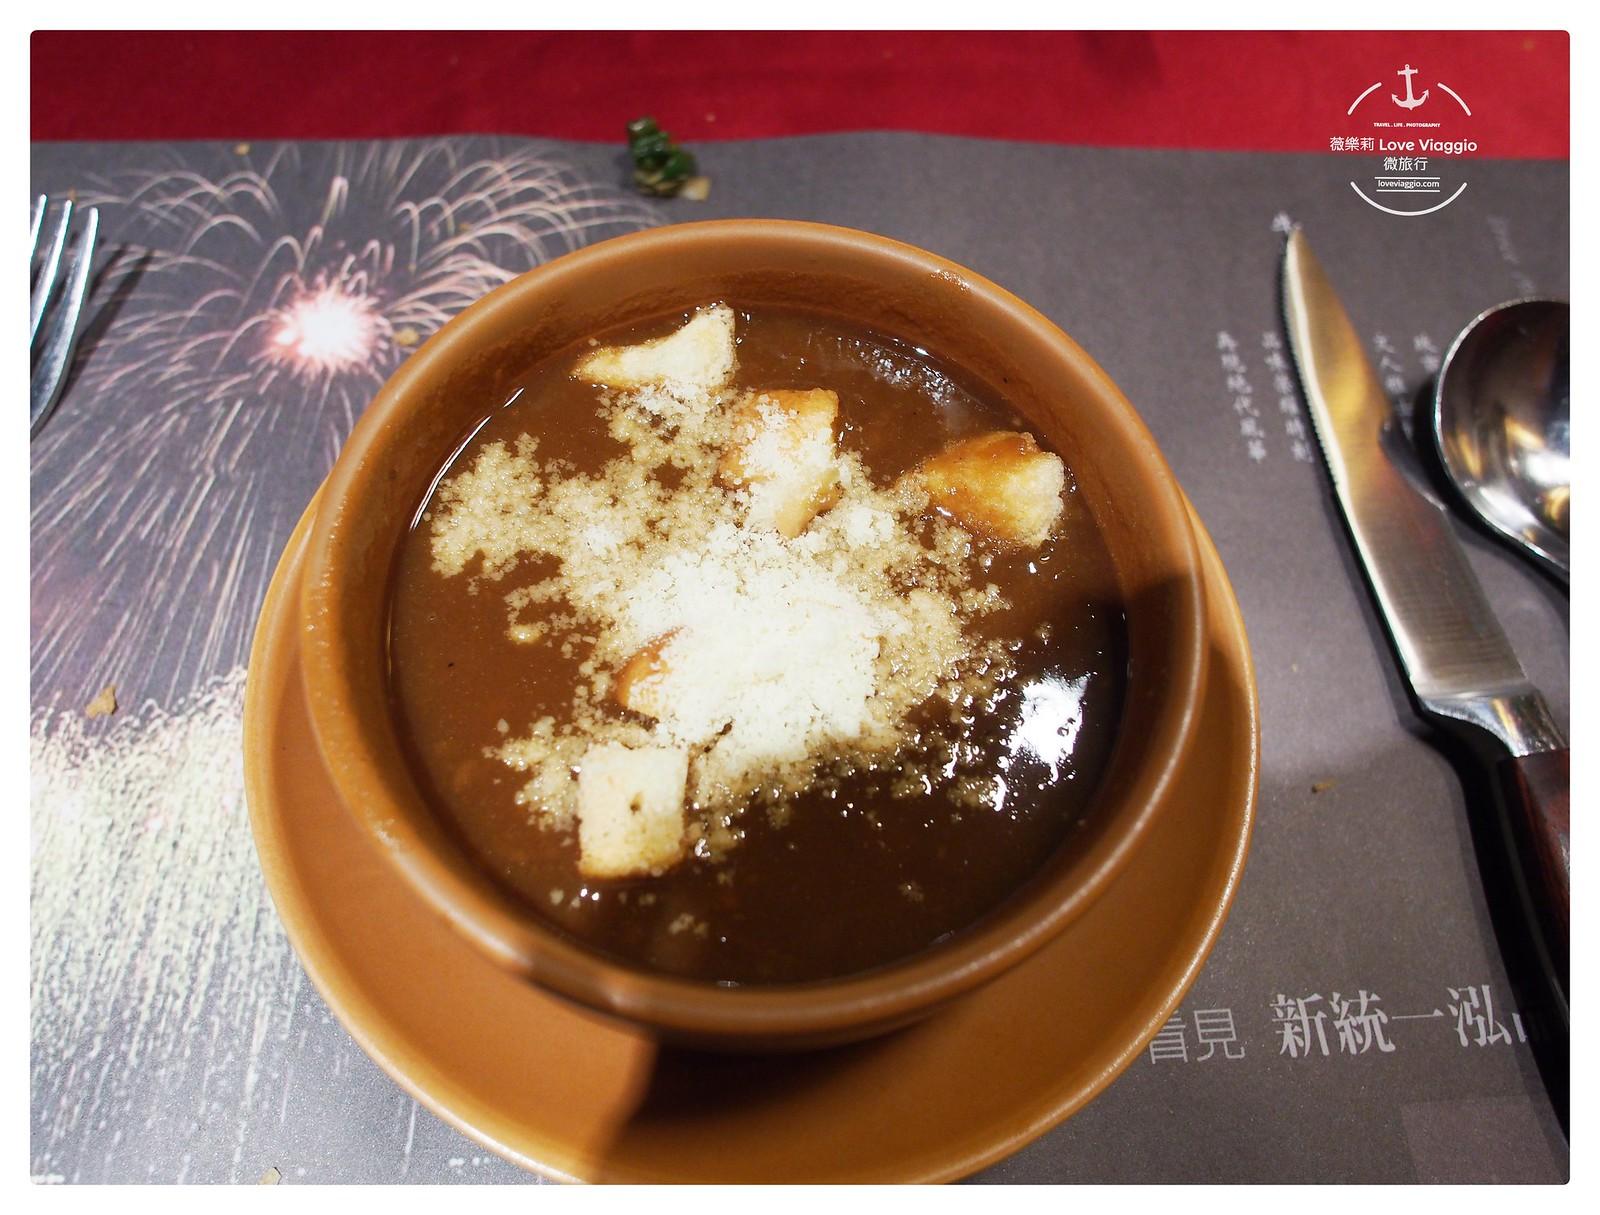 【高雄 Kaohsiung】新統一泓品牛排 愛河畔歐式古典風華的50年歷史老牌牛排西餐廳 @薇樂莉 ♥ Love Viaggio 微旅行